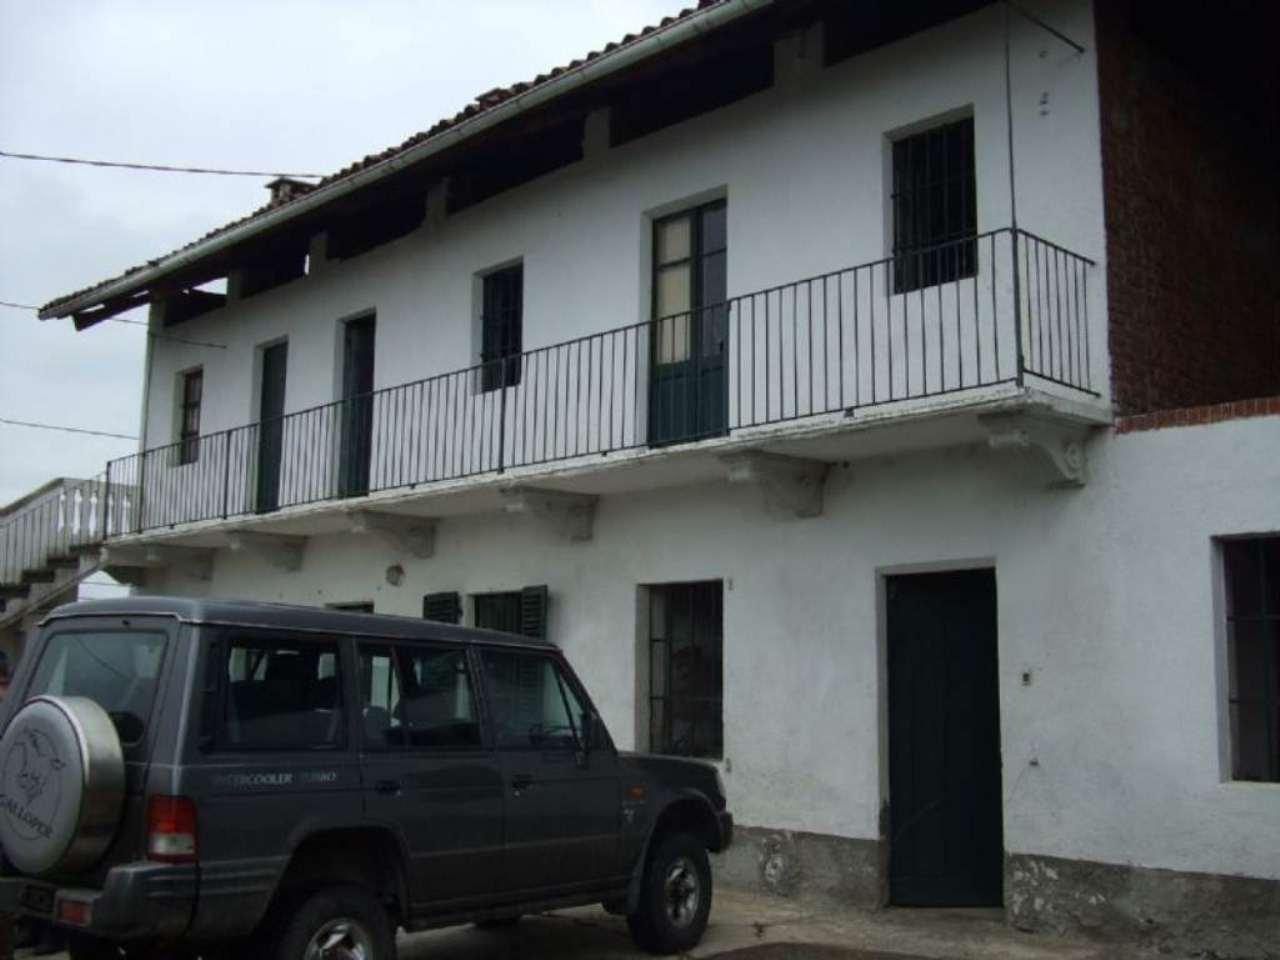 Soluzione Indipendente in vendita a Settimo Torinese, 8 locali, prezzo € 168.000 | CambioCasa.it